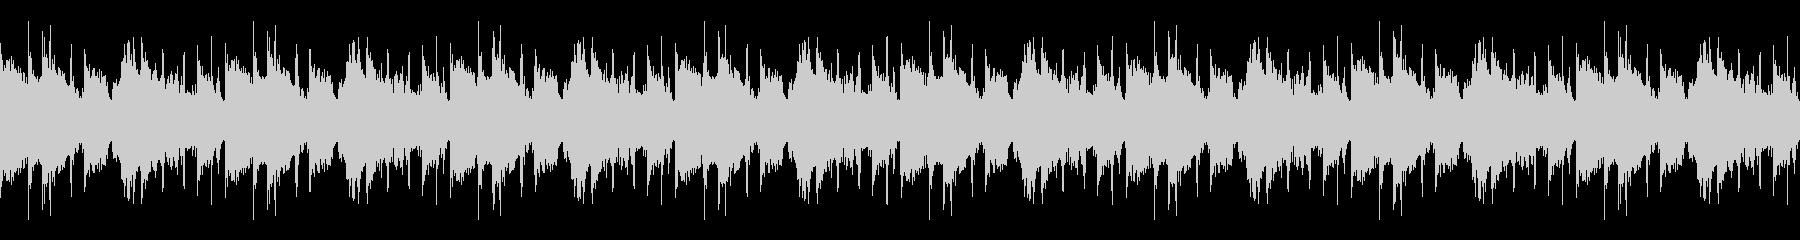 軌道ループ2の未再生の波形